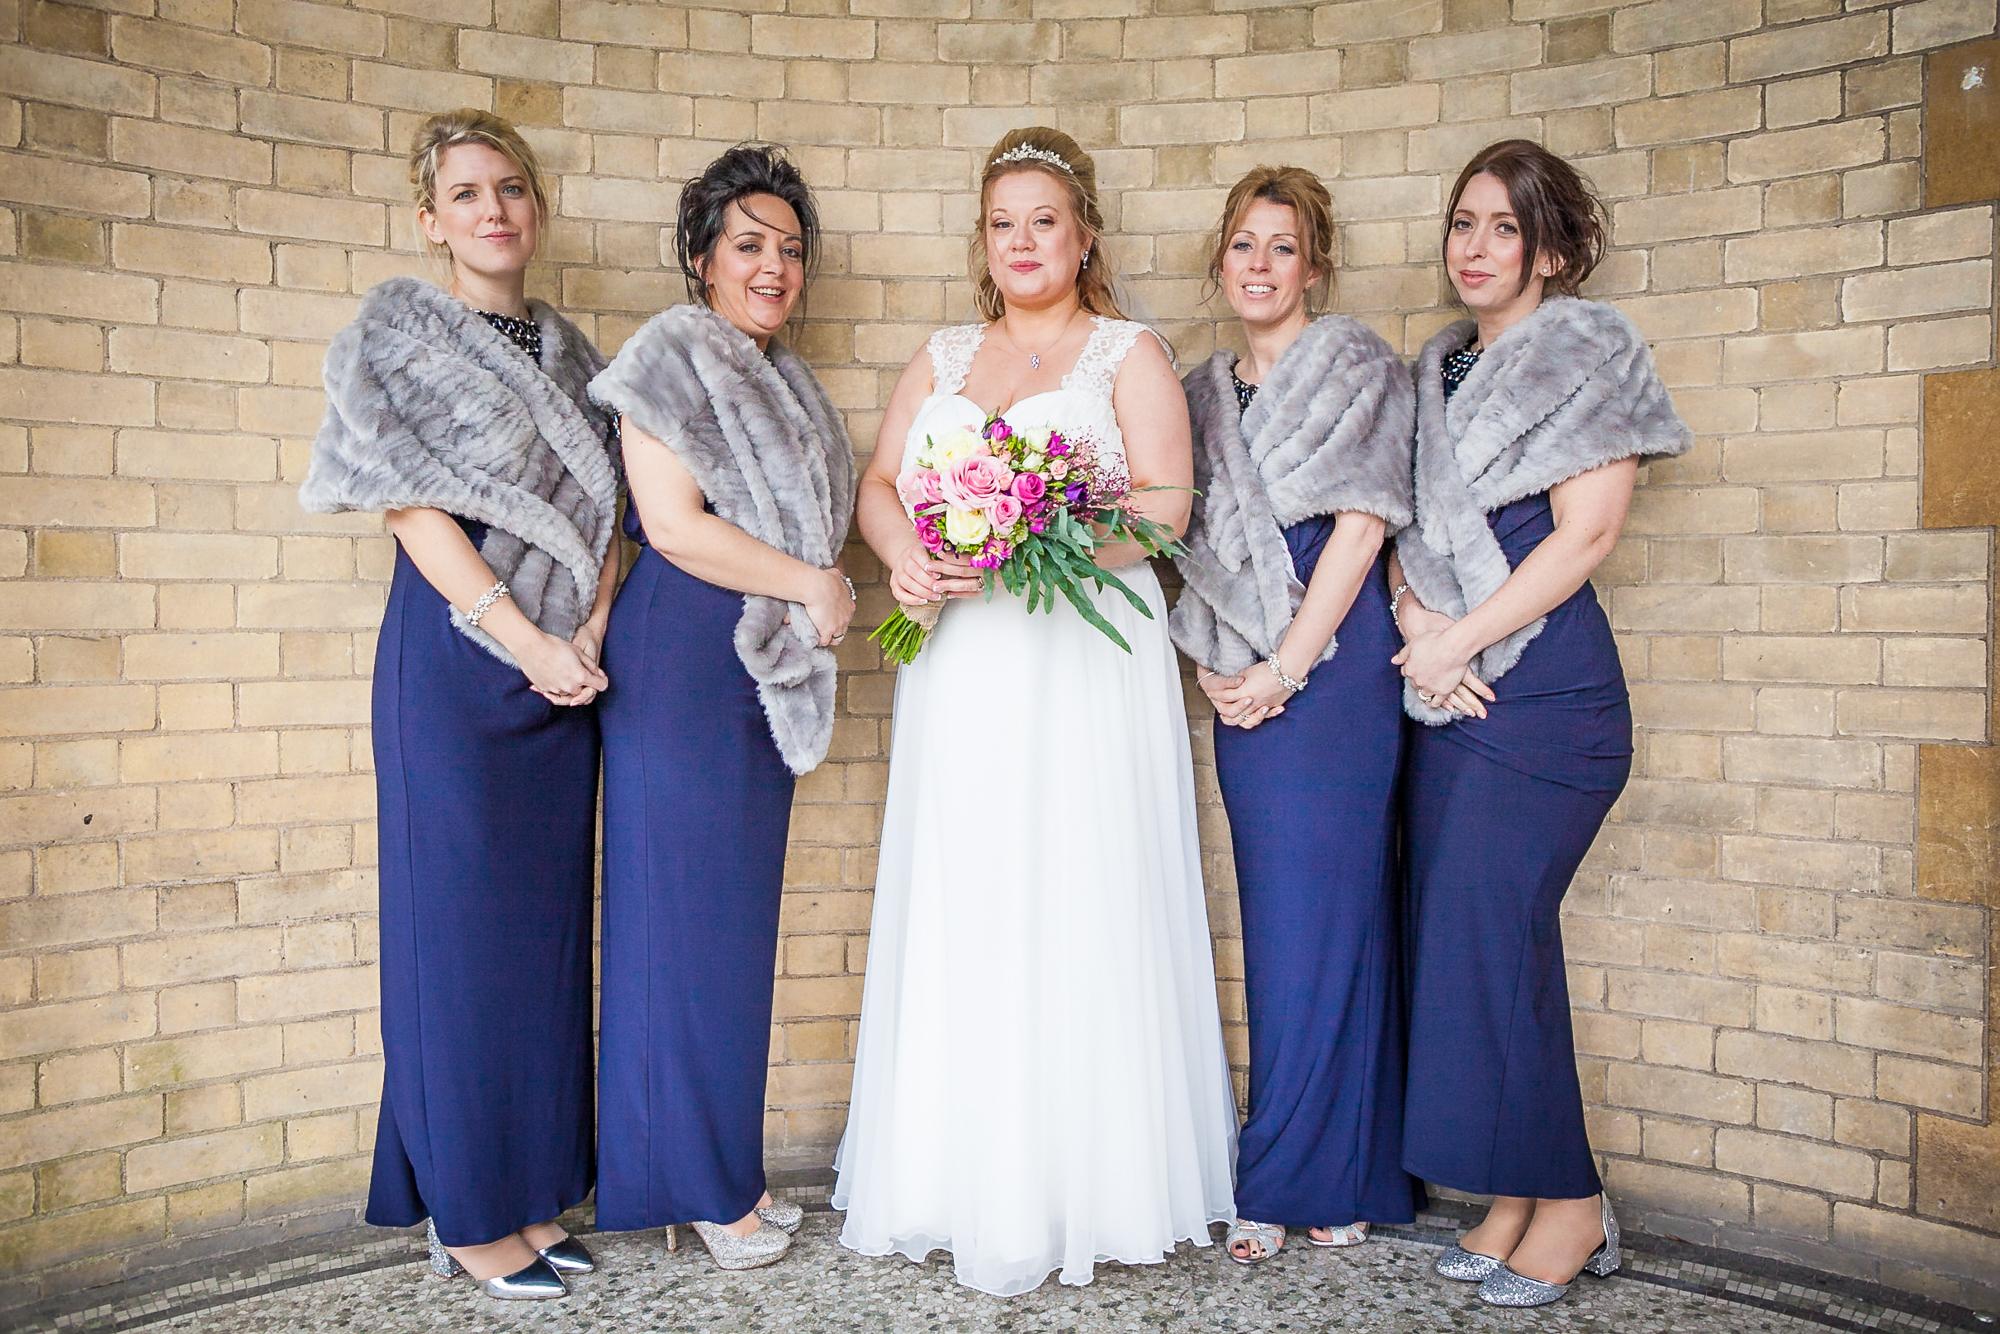 wedding photography groups (39 of 45).jpg